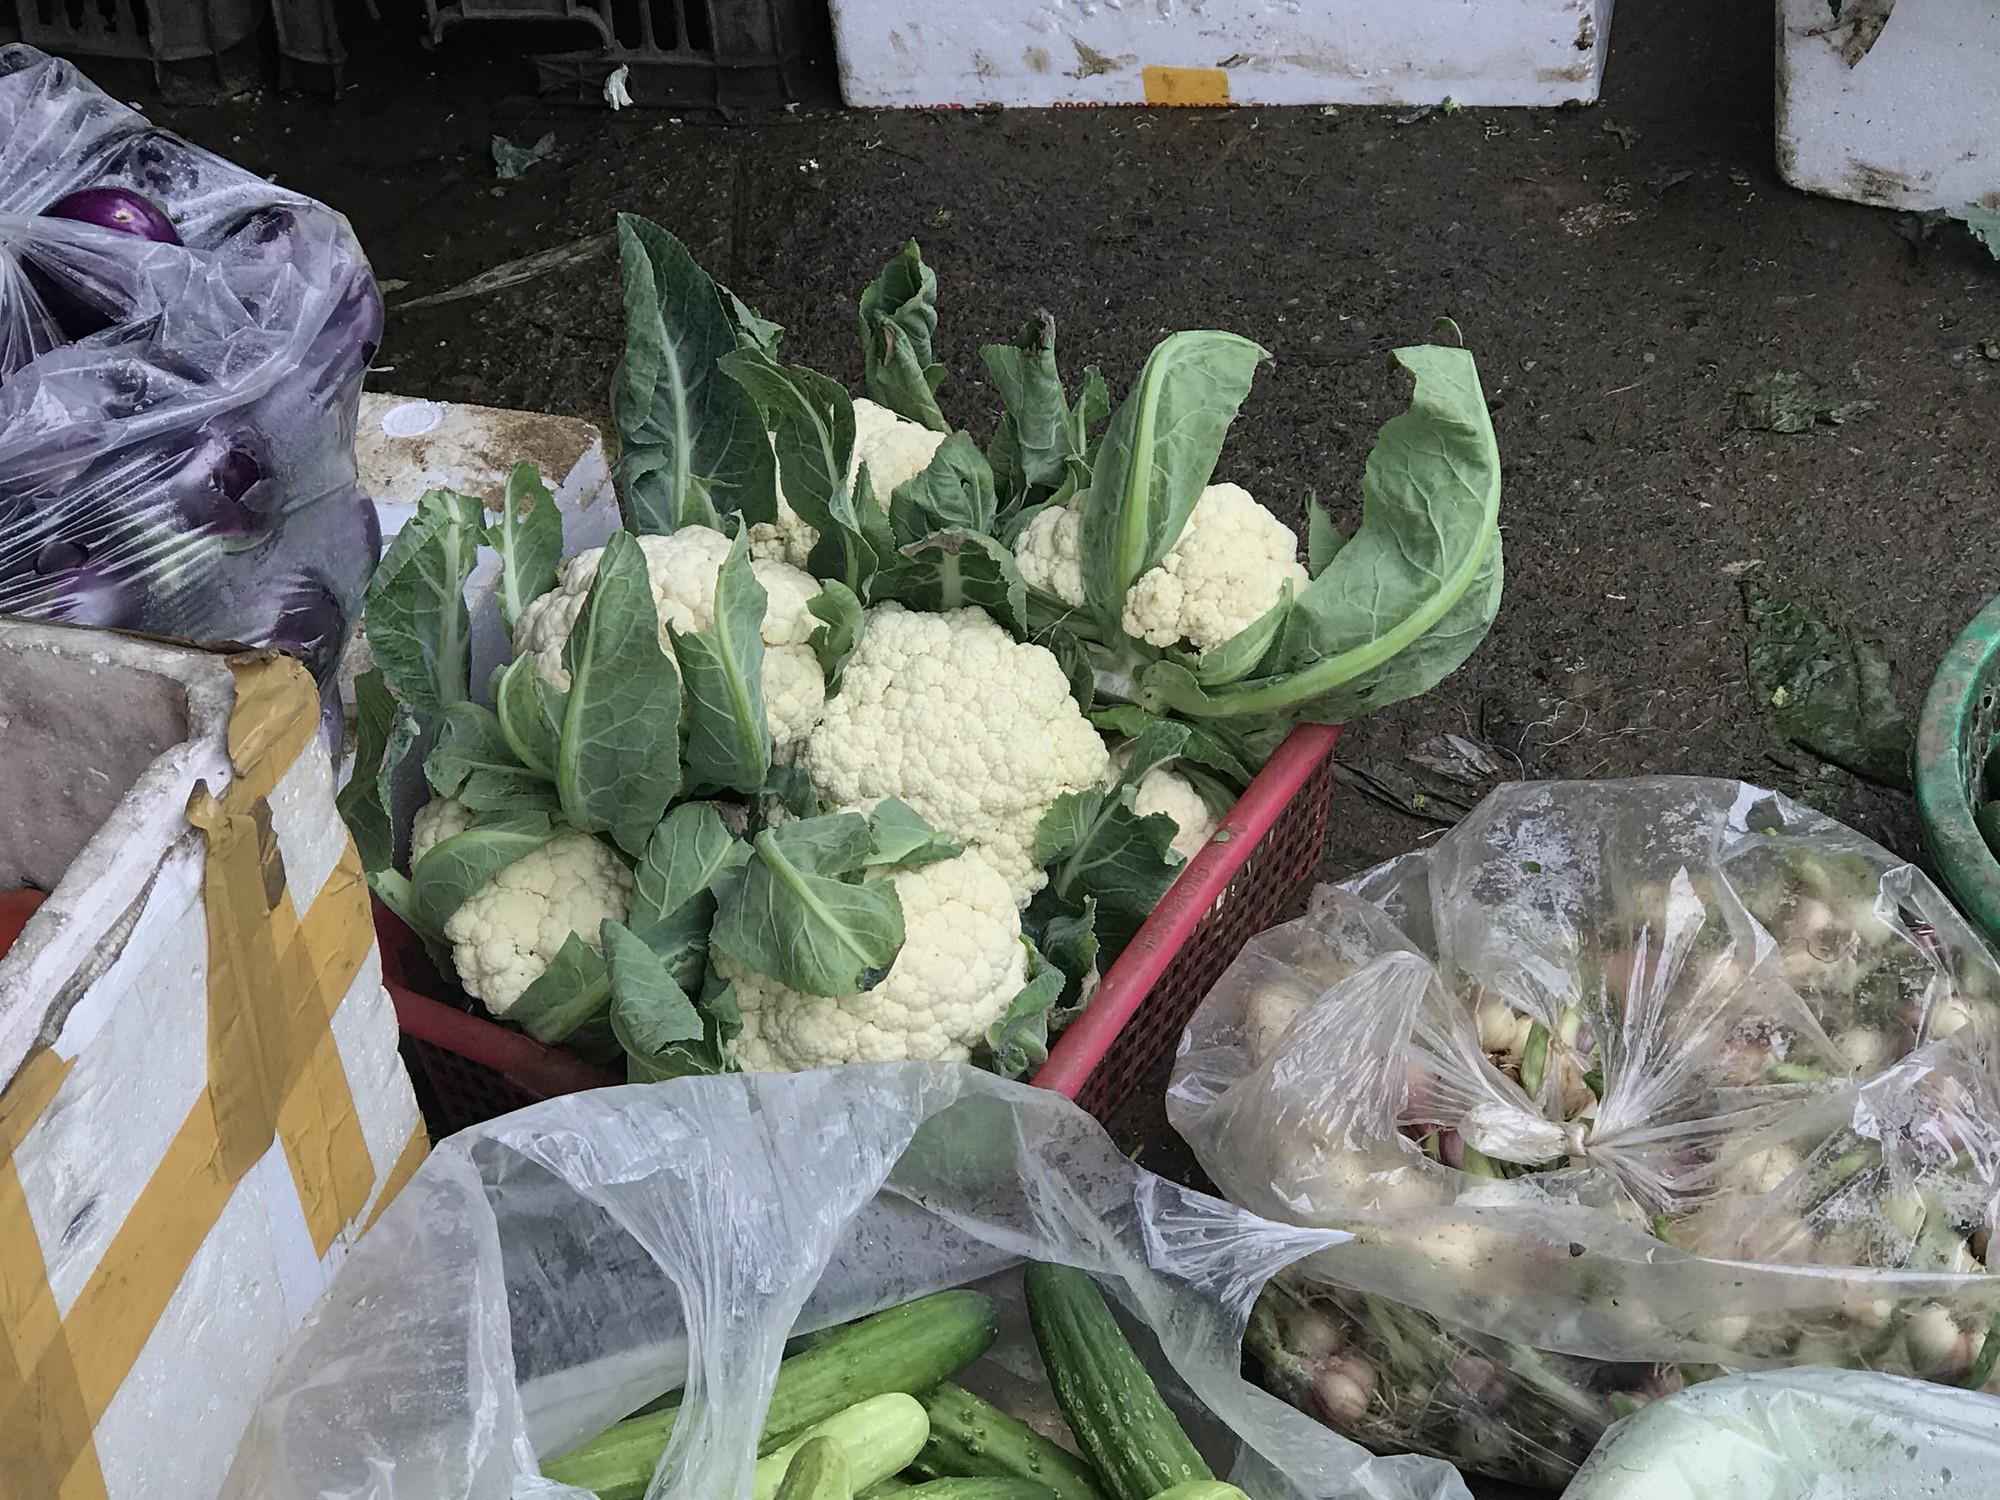 Chưa rét đậm rét hại, giá rau củ đã tăng gấp đôi - Ảnh 4.